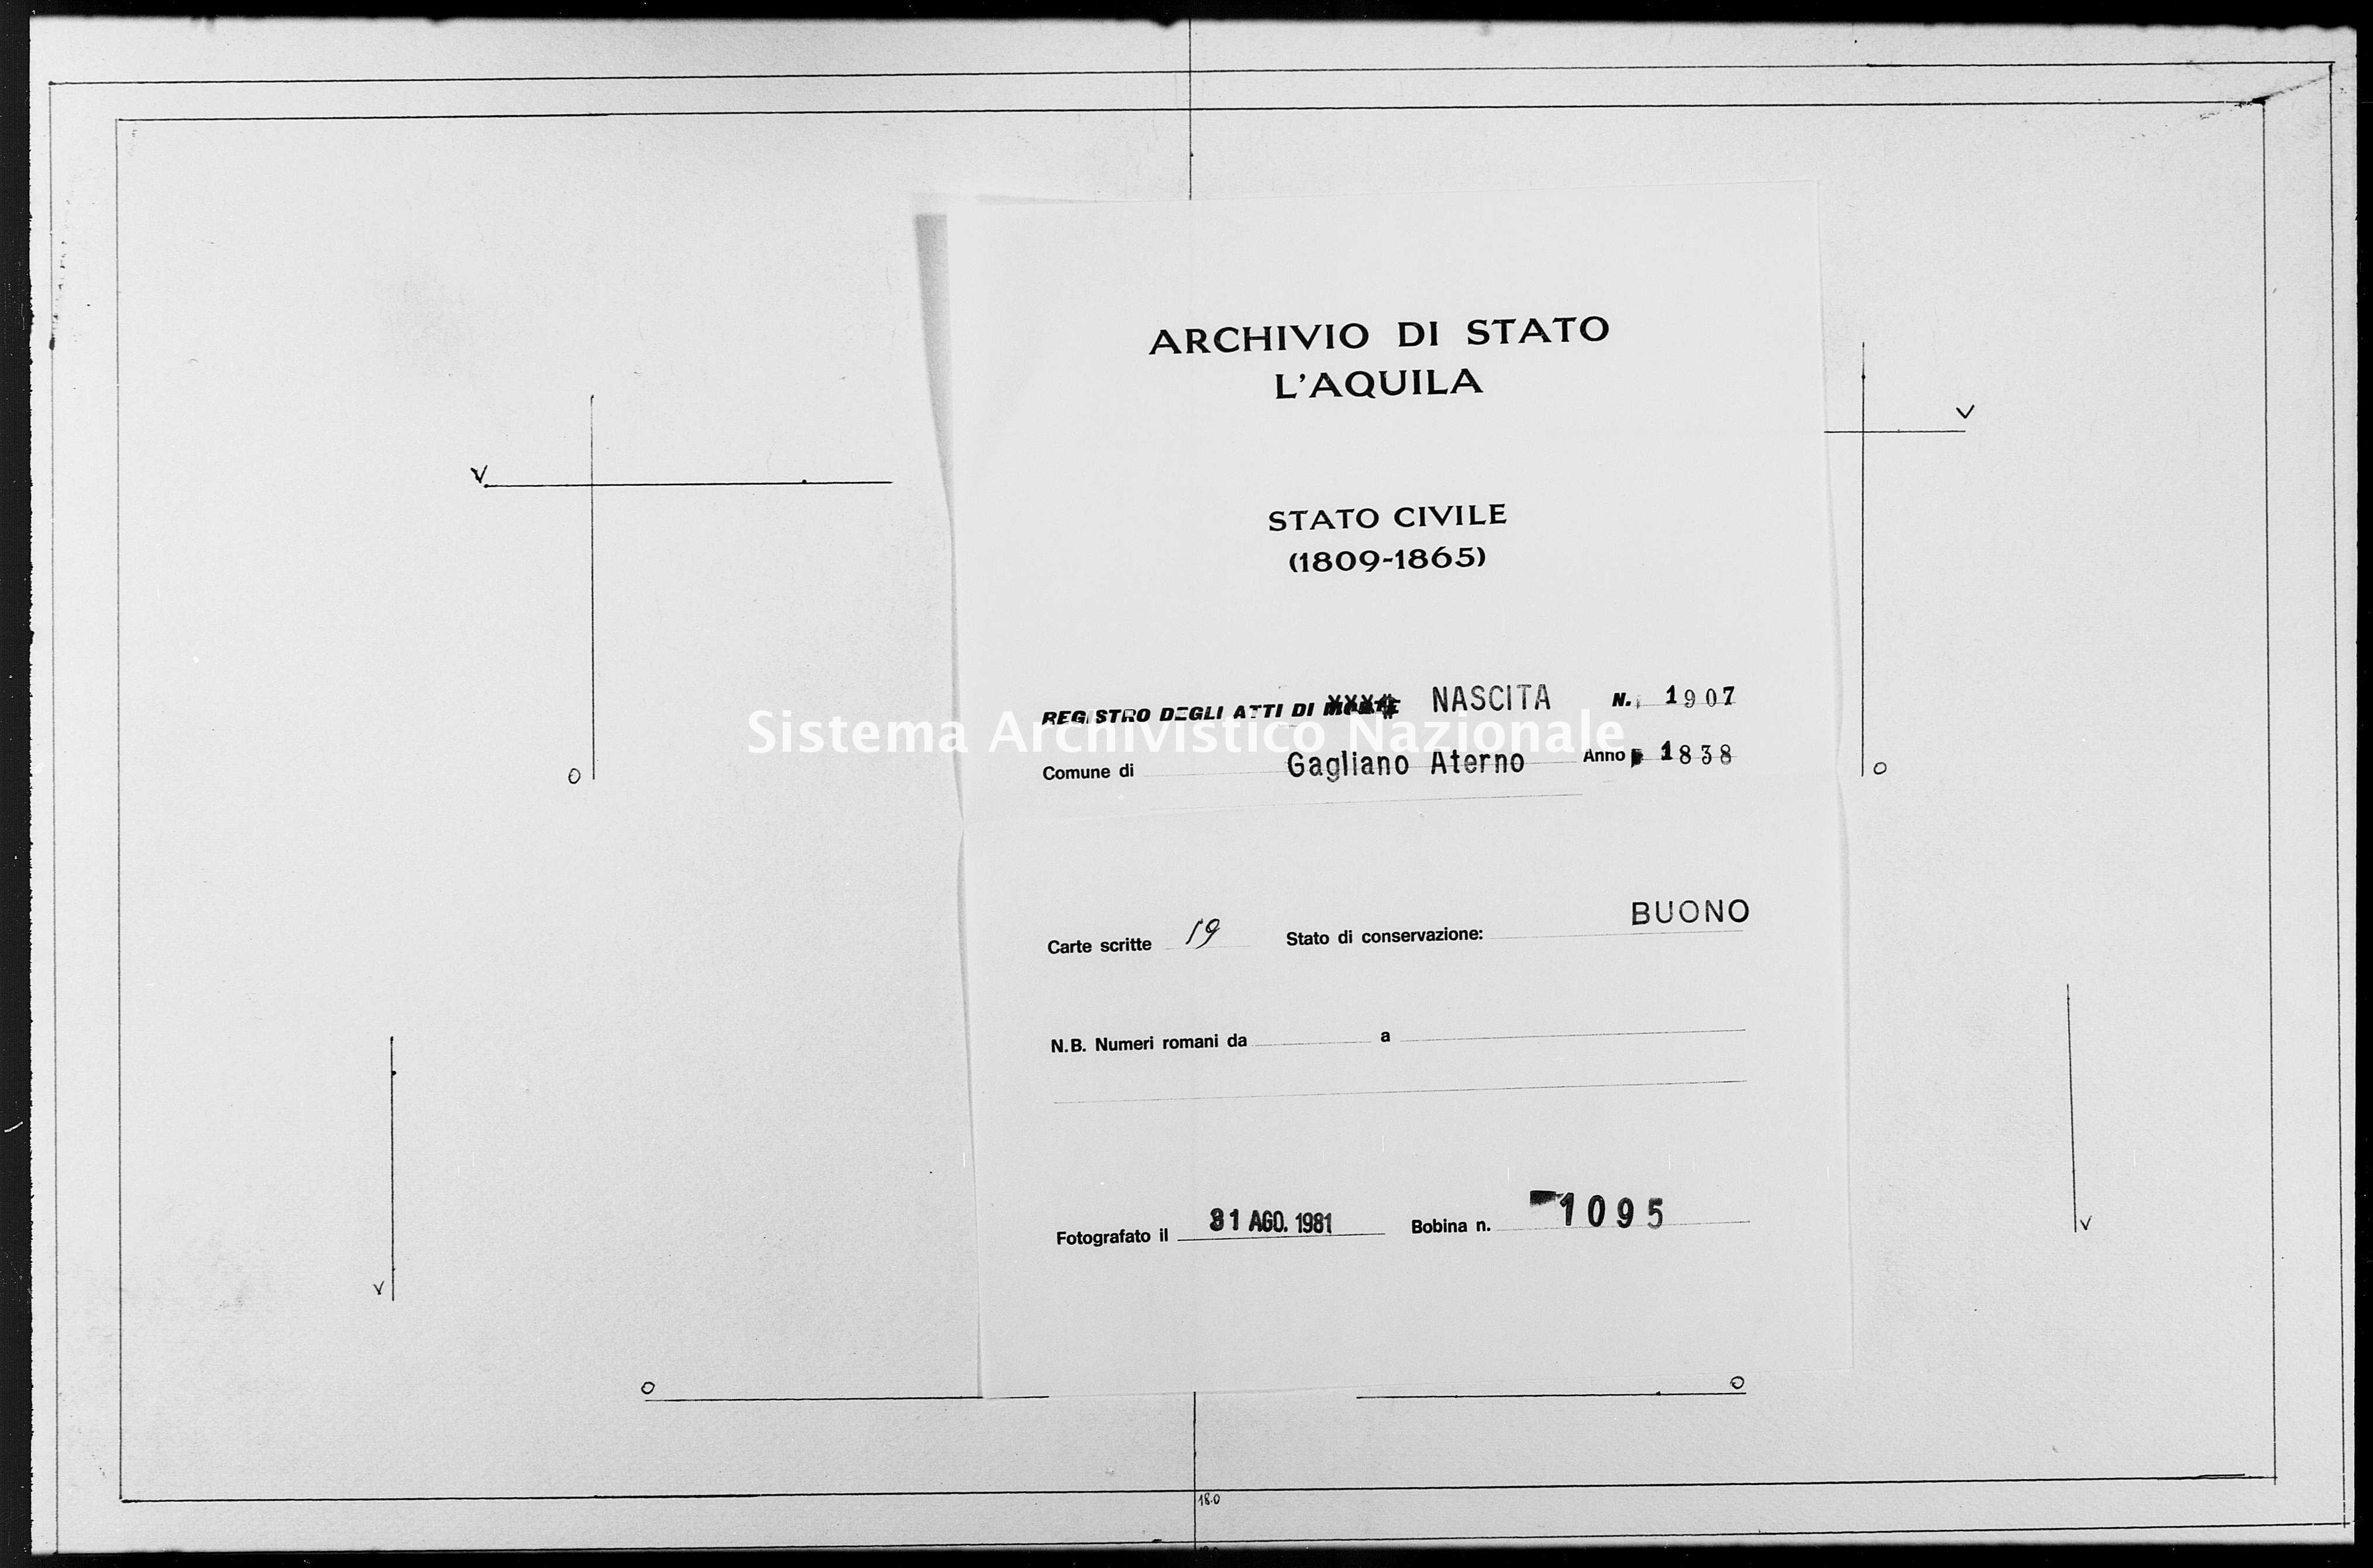 Archivio di stato di L'aquila - Stato civile della restaurazione - Gagliano Aterno - Nati - 1838 - 1907 -